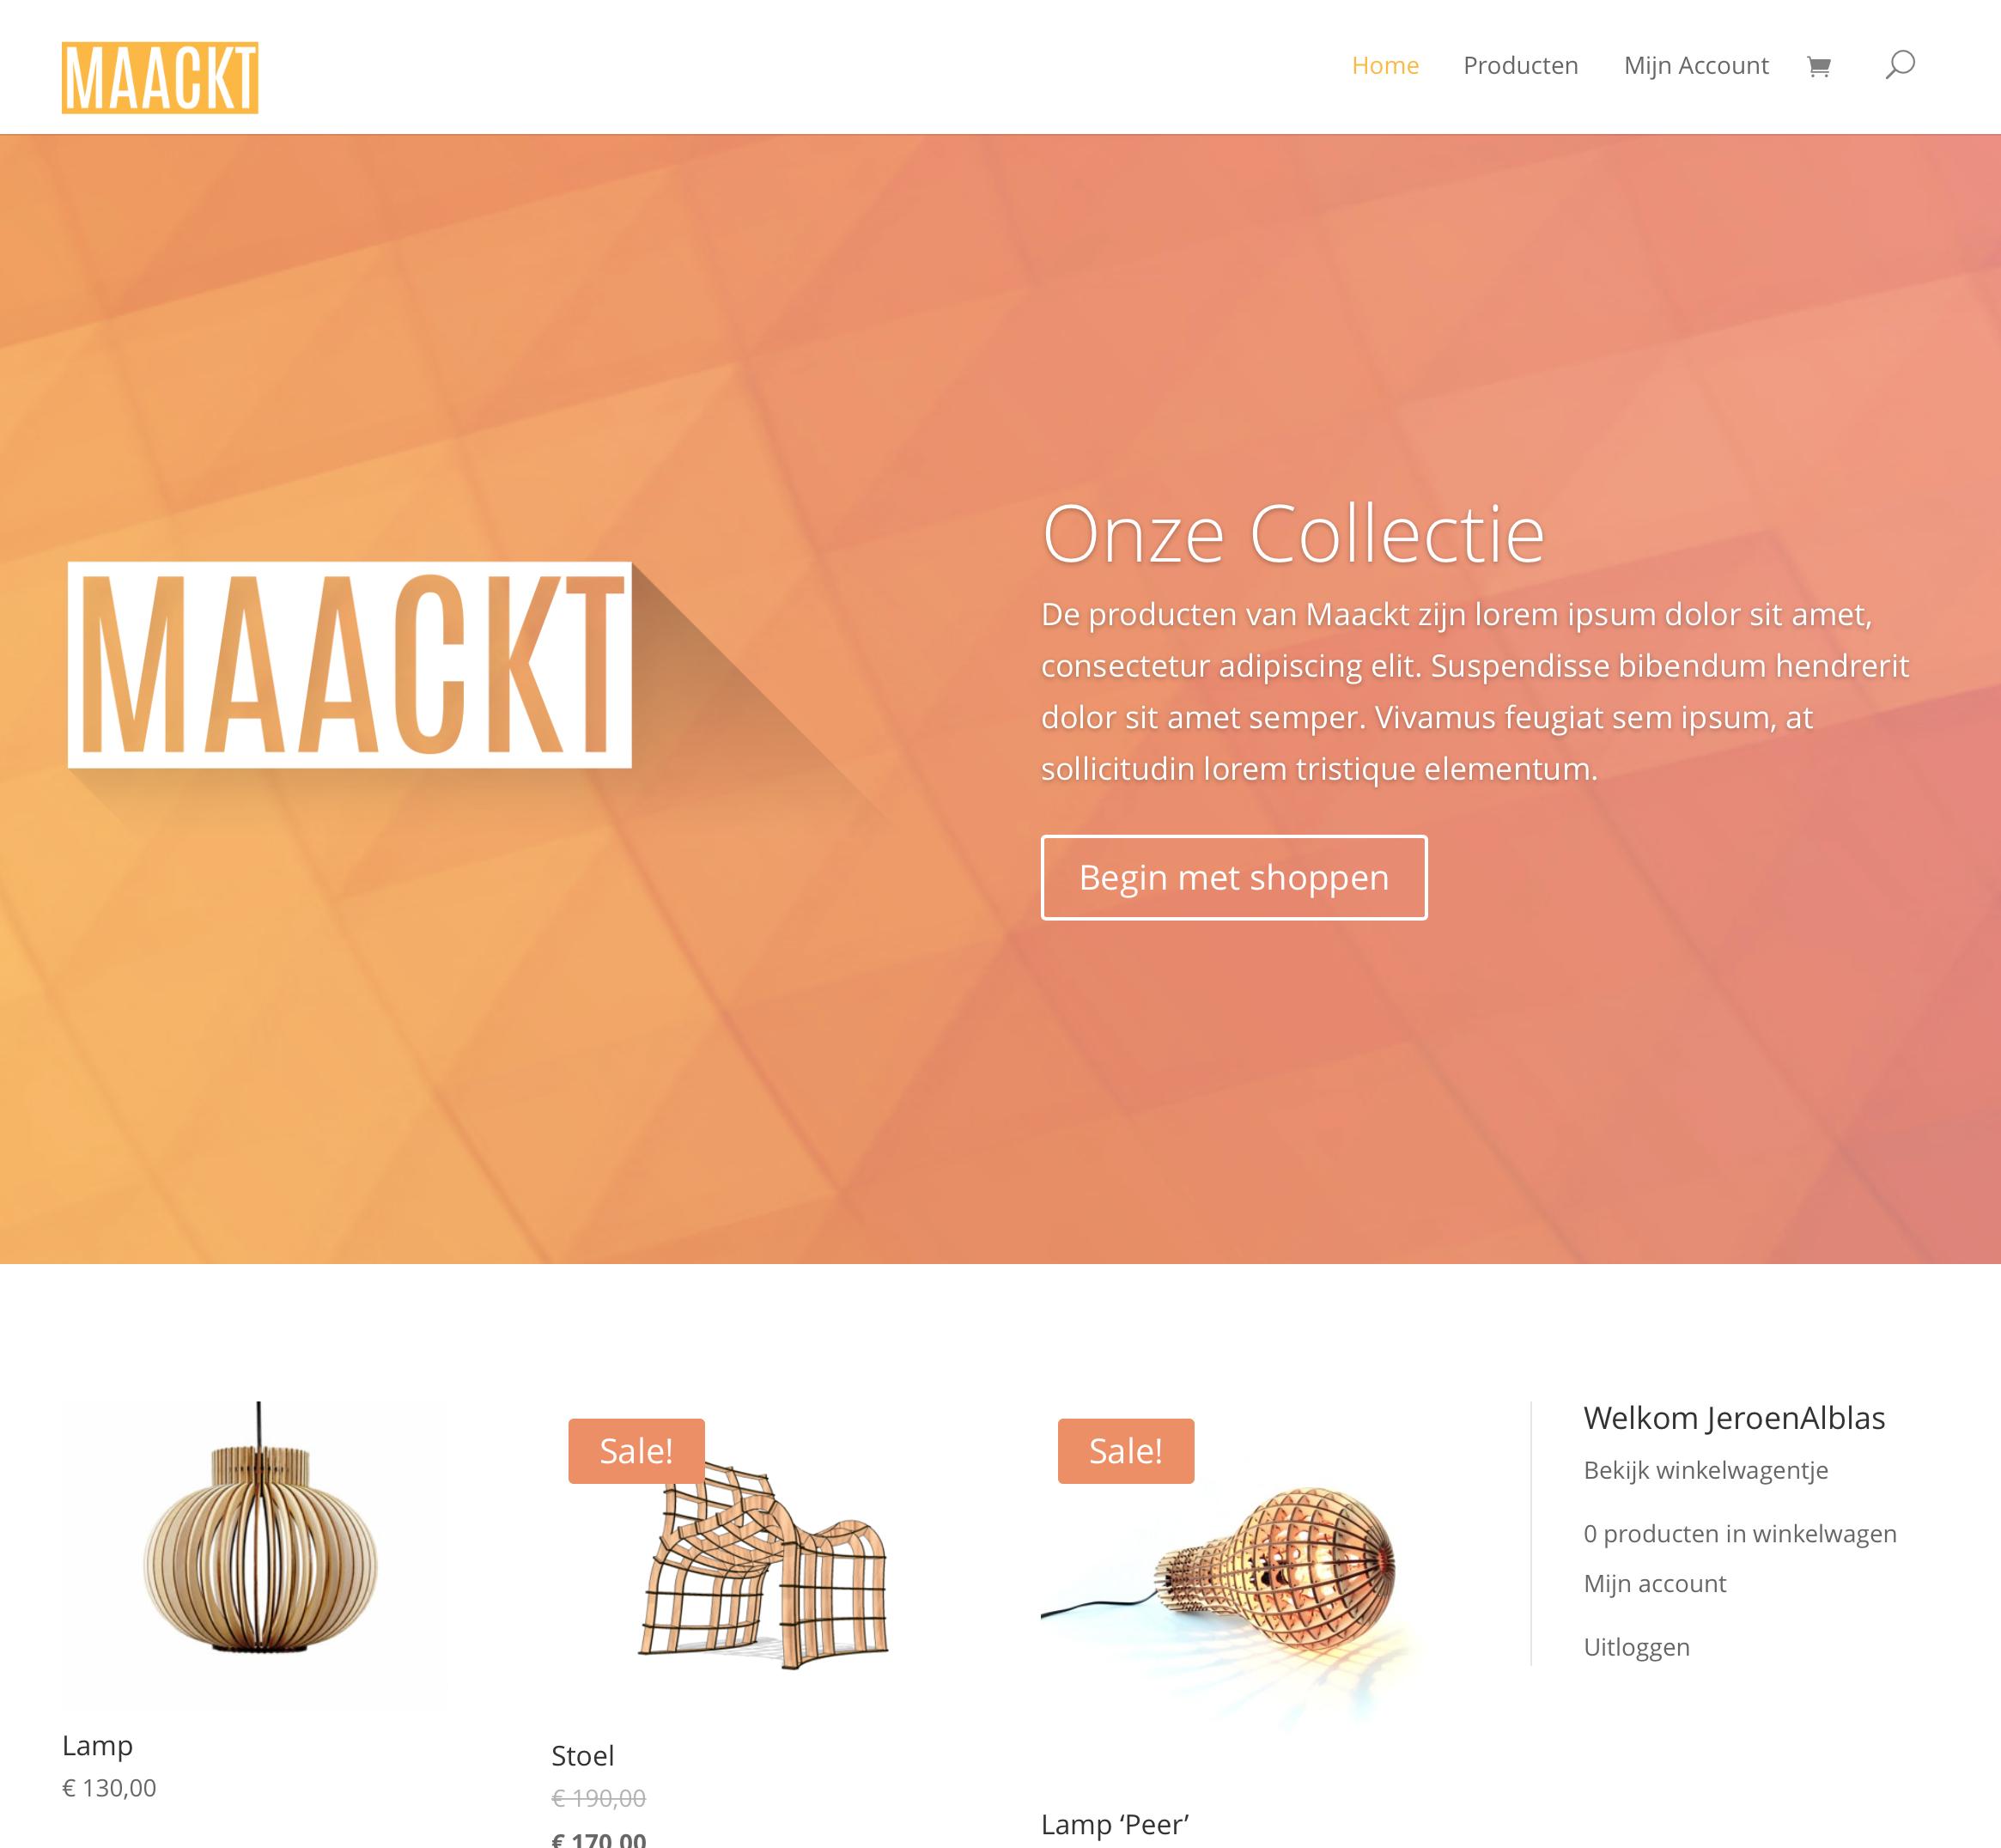 MAACKT startup